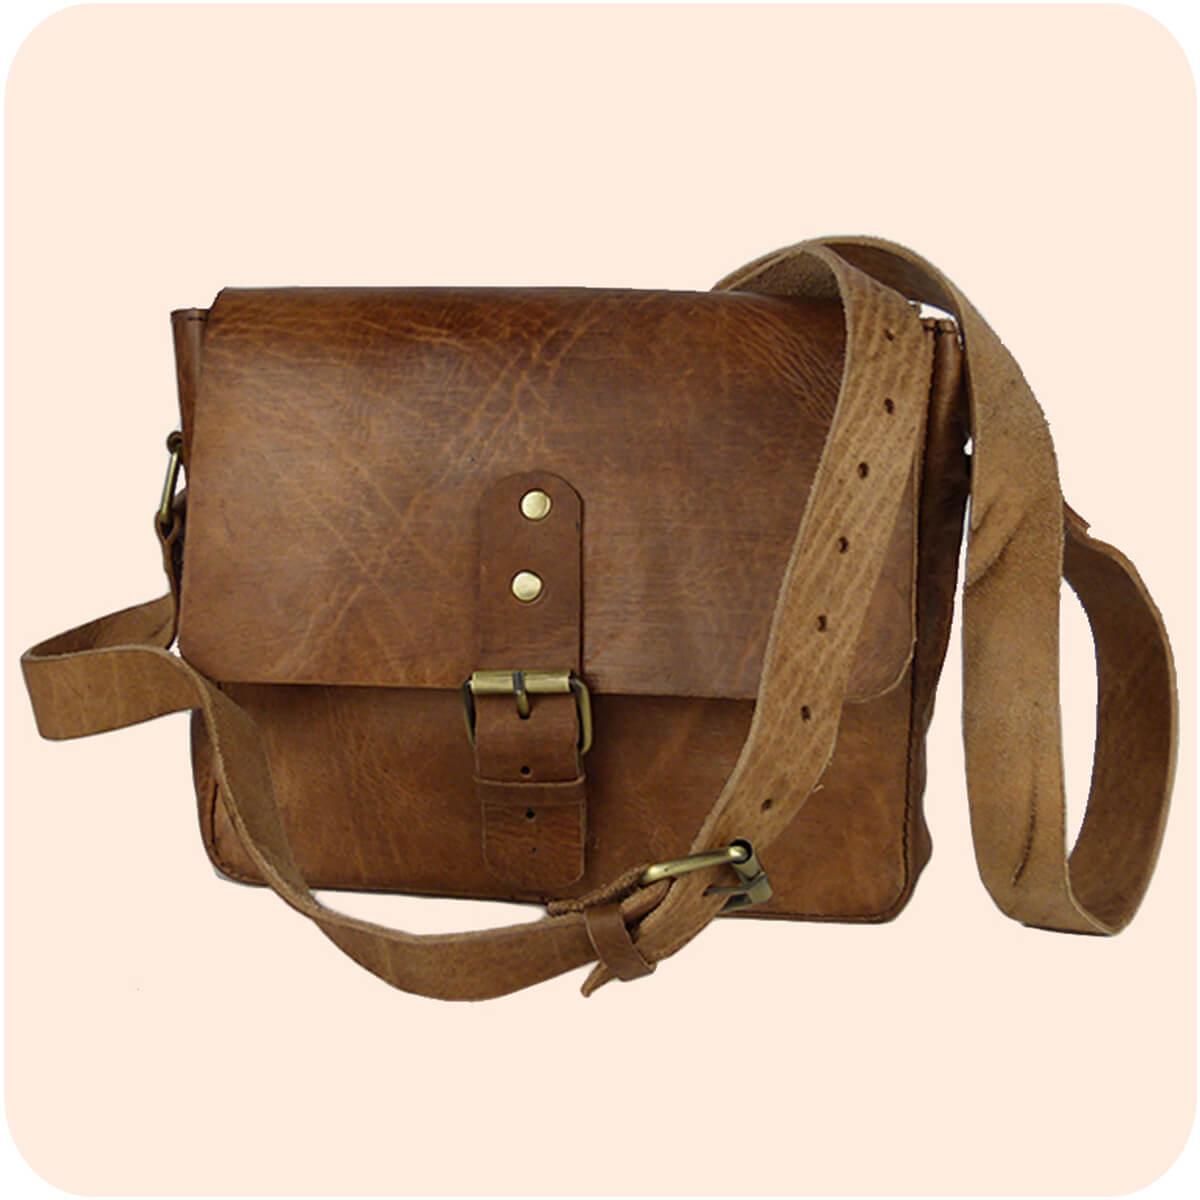 Leder Handtasche Noura 20x23cm Elegante Umh Ngetasche